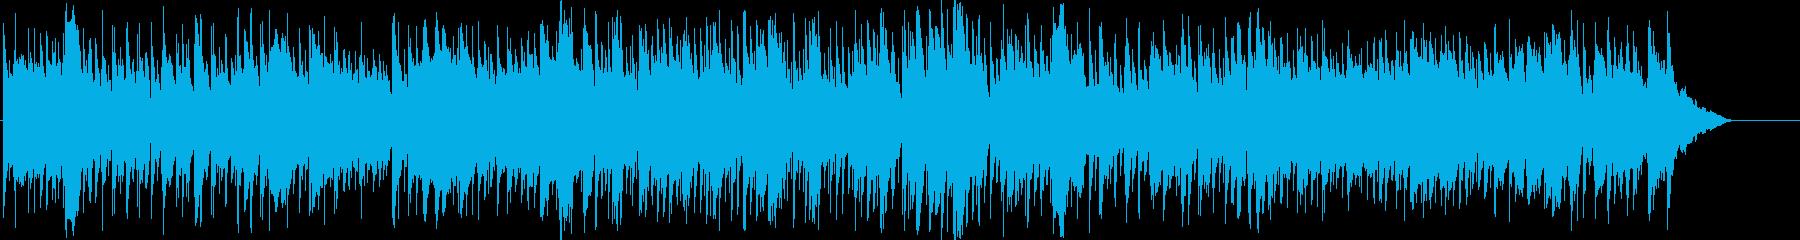 クラシックをアレンジしたスローフォックスの再生済みの波形